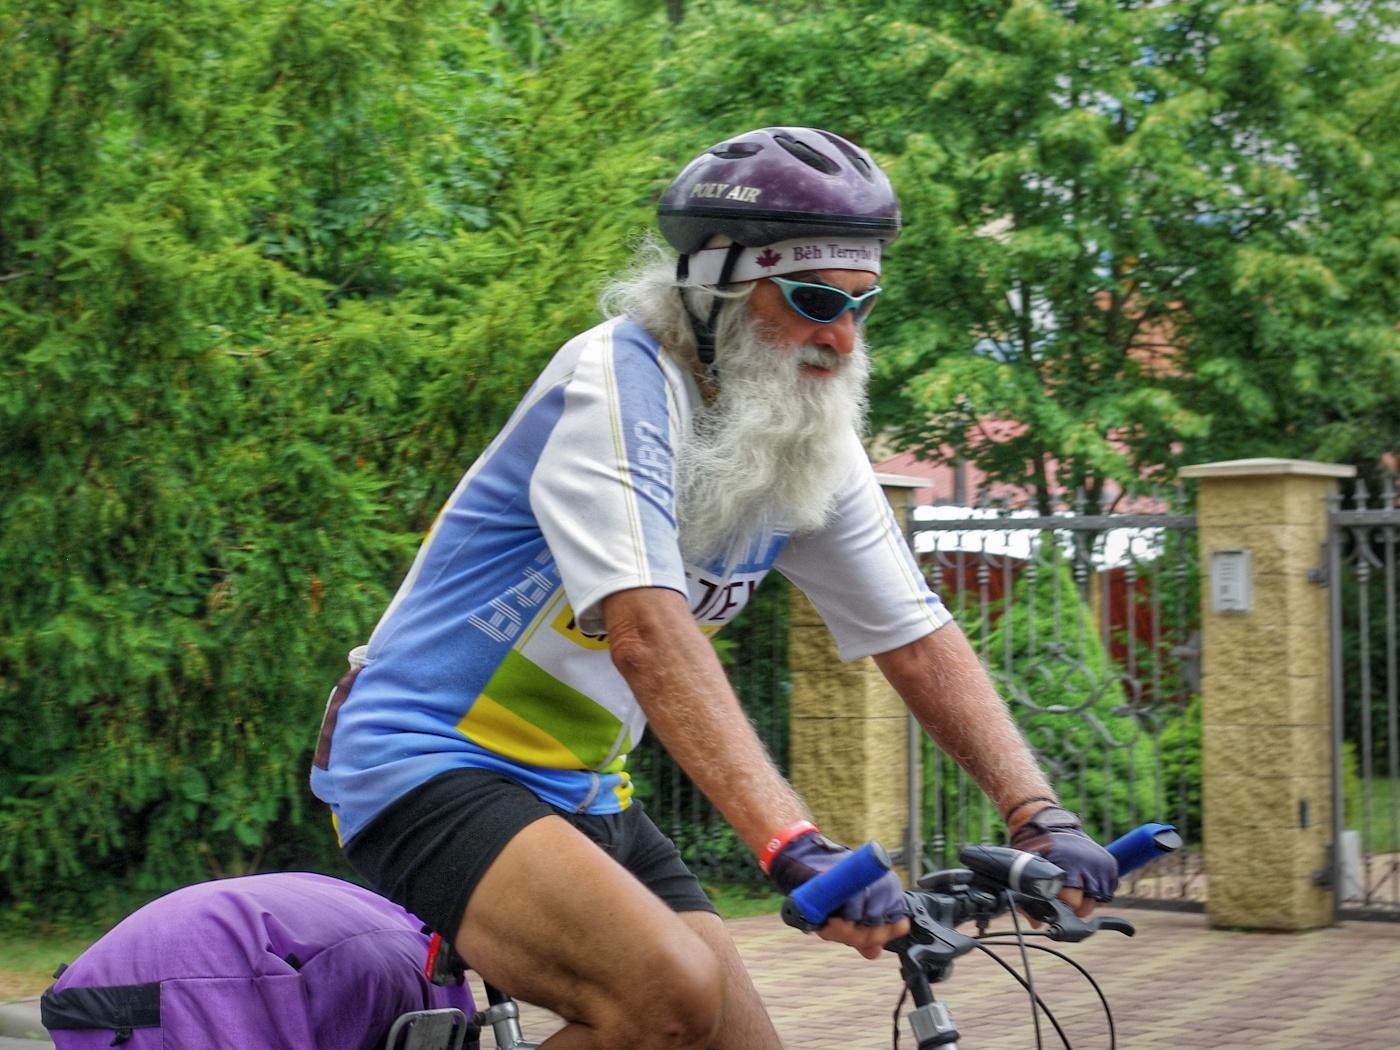 16. Cyklista v Luhačovicích